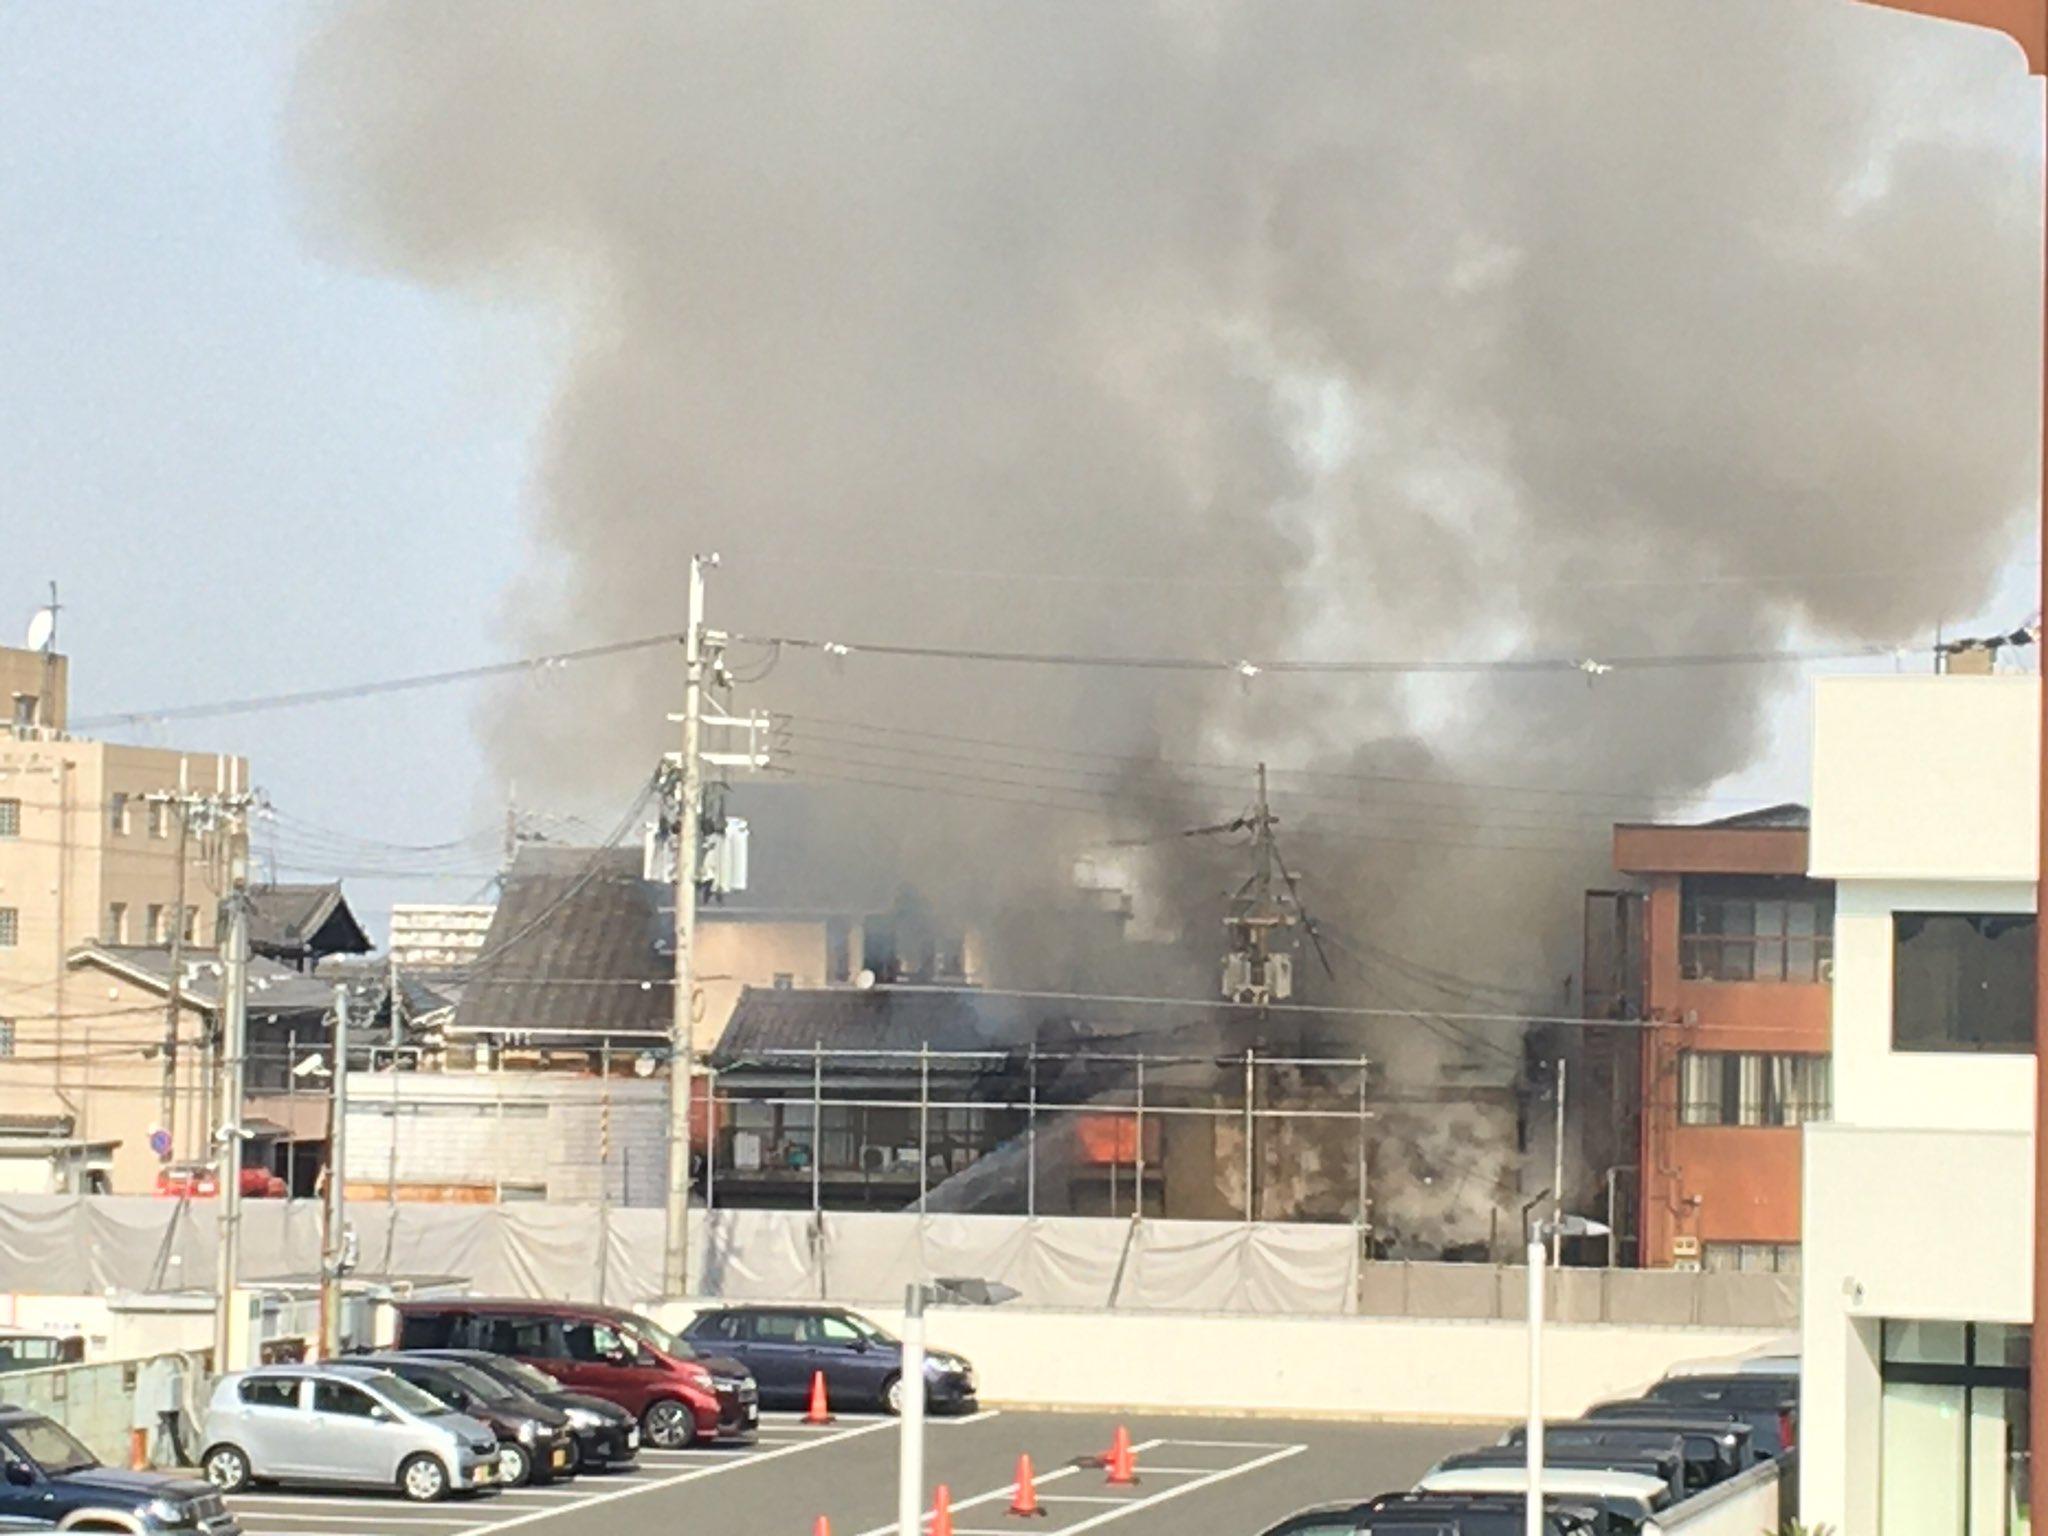 橿原市四条町で火事が起きている現場の画像